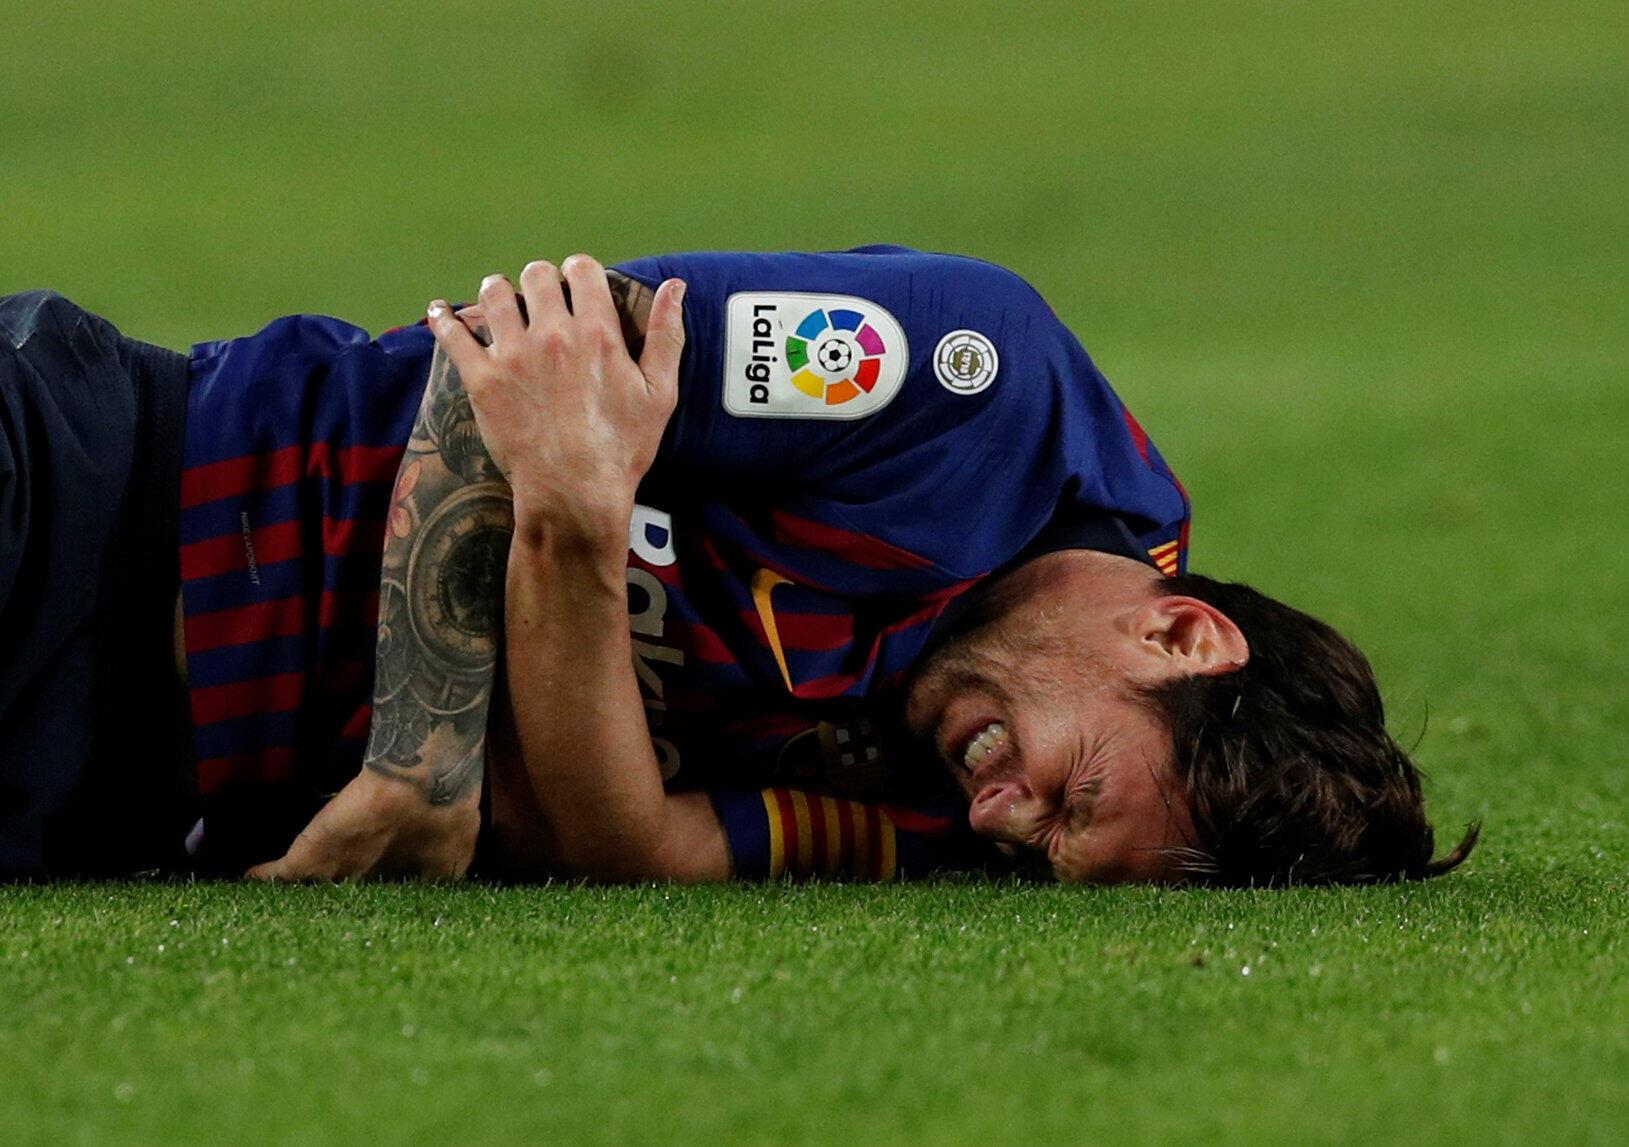 L'attaquant du FC Barcelone Lionel Messi, s'est blessé au bras droit face au FC Séville lors de la 9e journée de Liga. Photo datée du 20 octobre 2018.